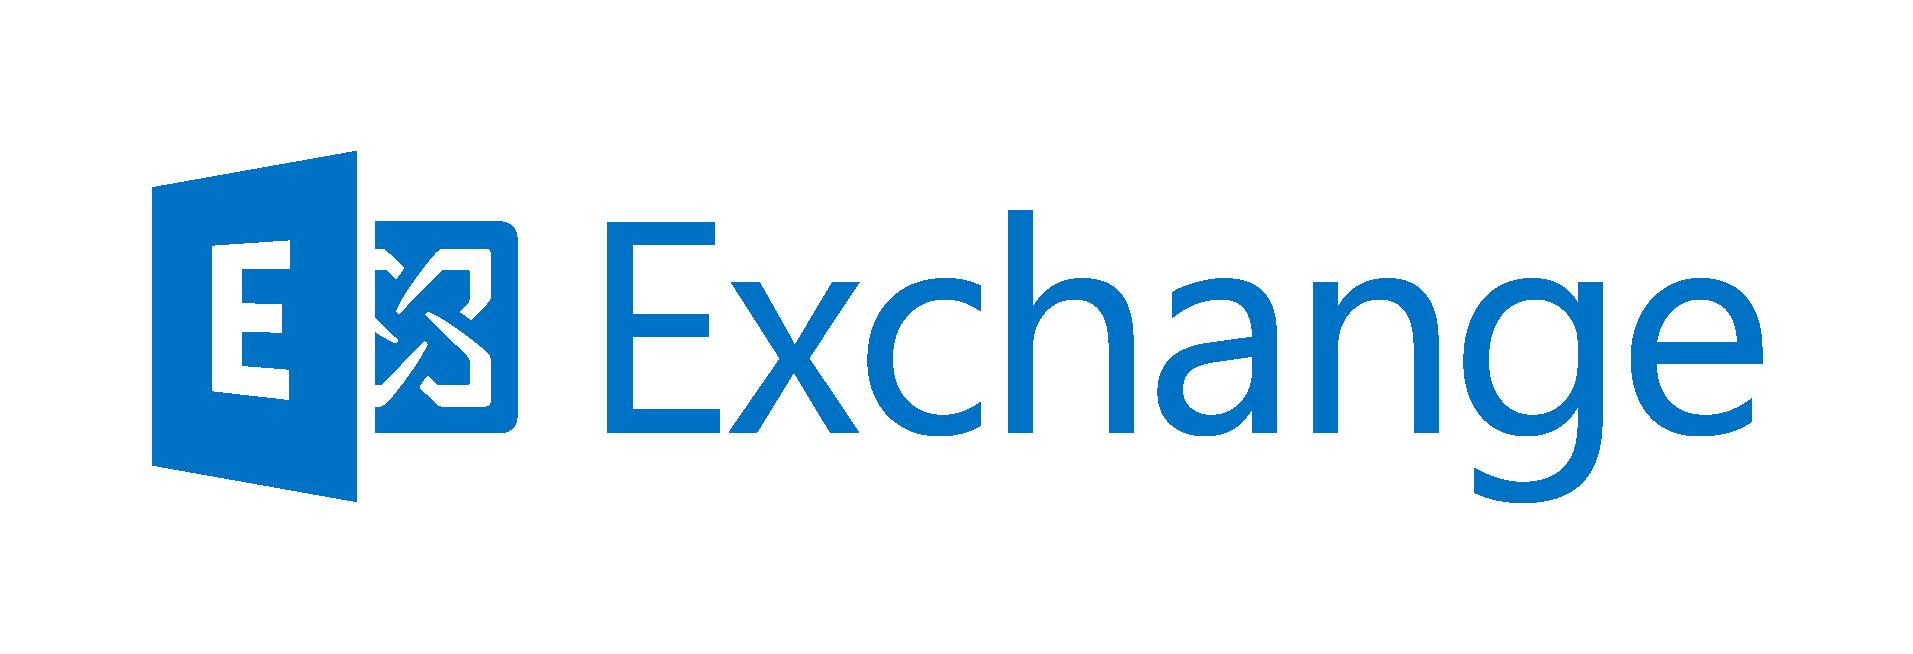 Microsoft-Exchange-1